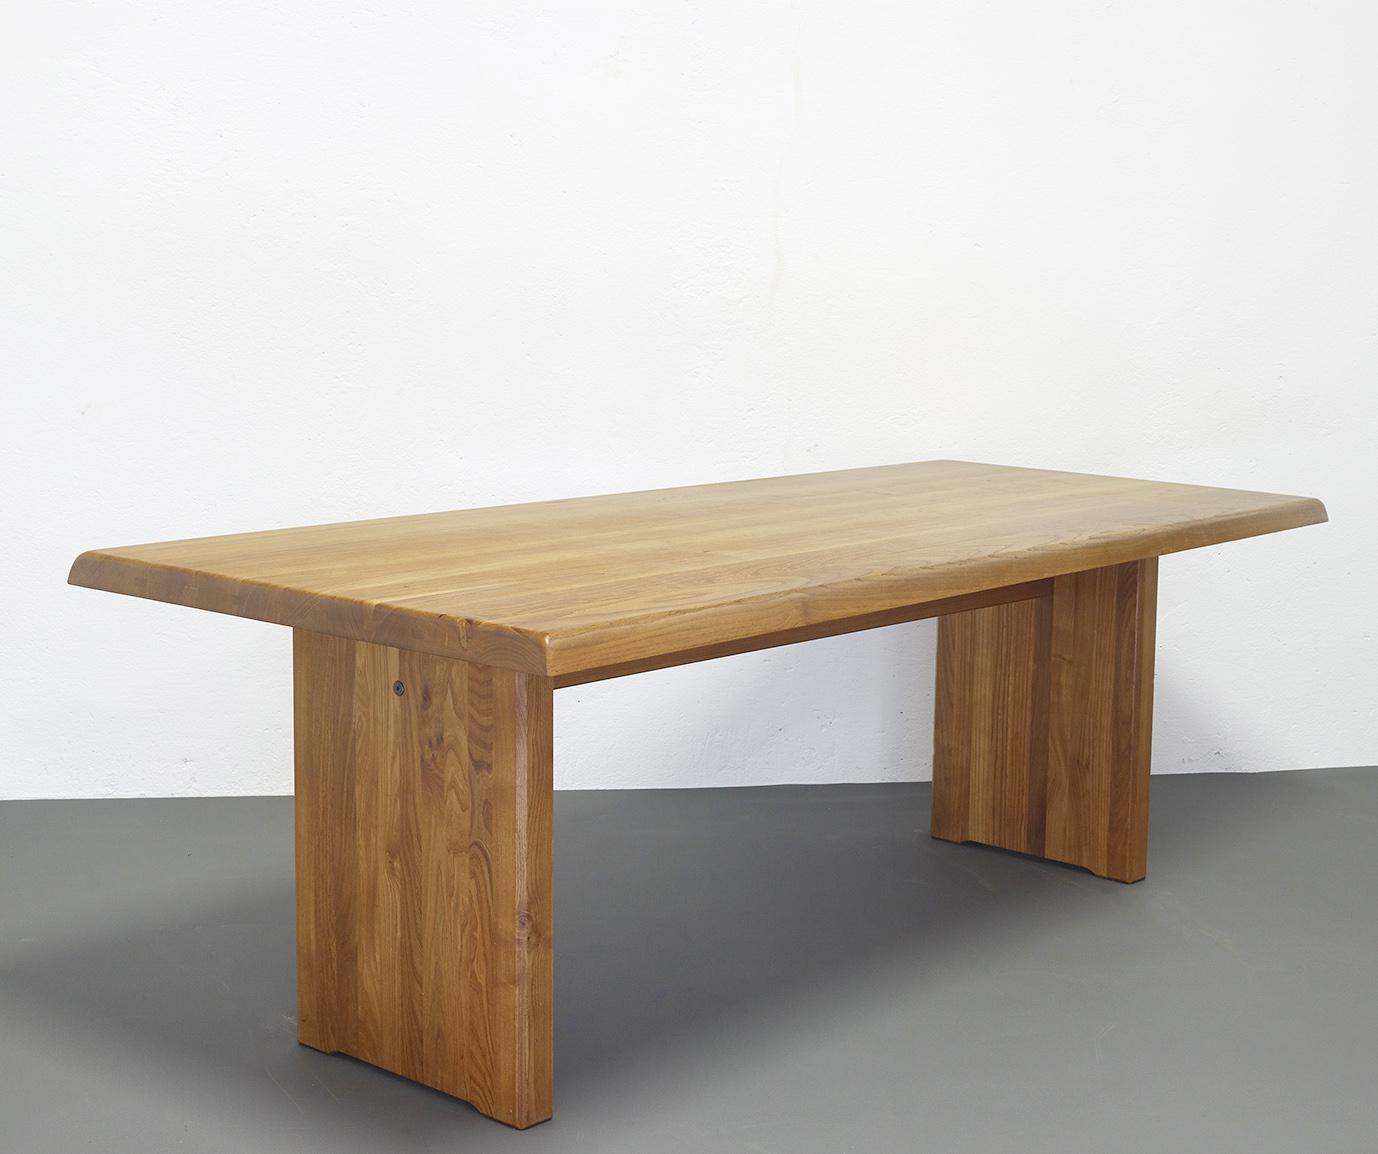 table-t14d-en-orme-de-pierre-chapo-ed-chapo-image-08